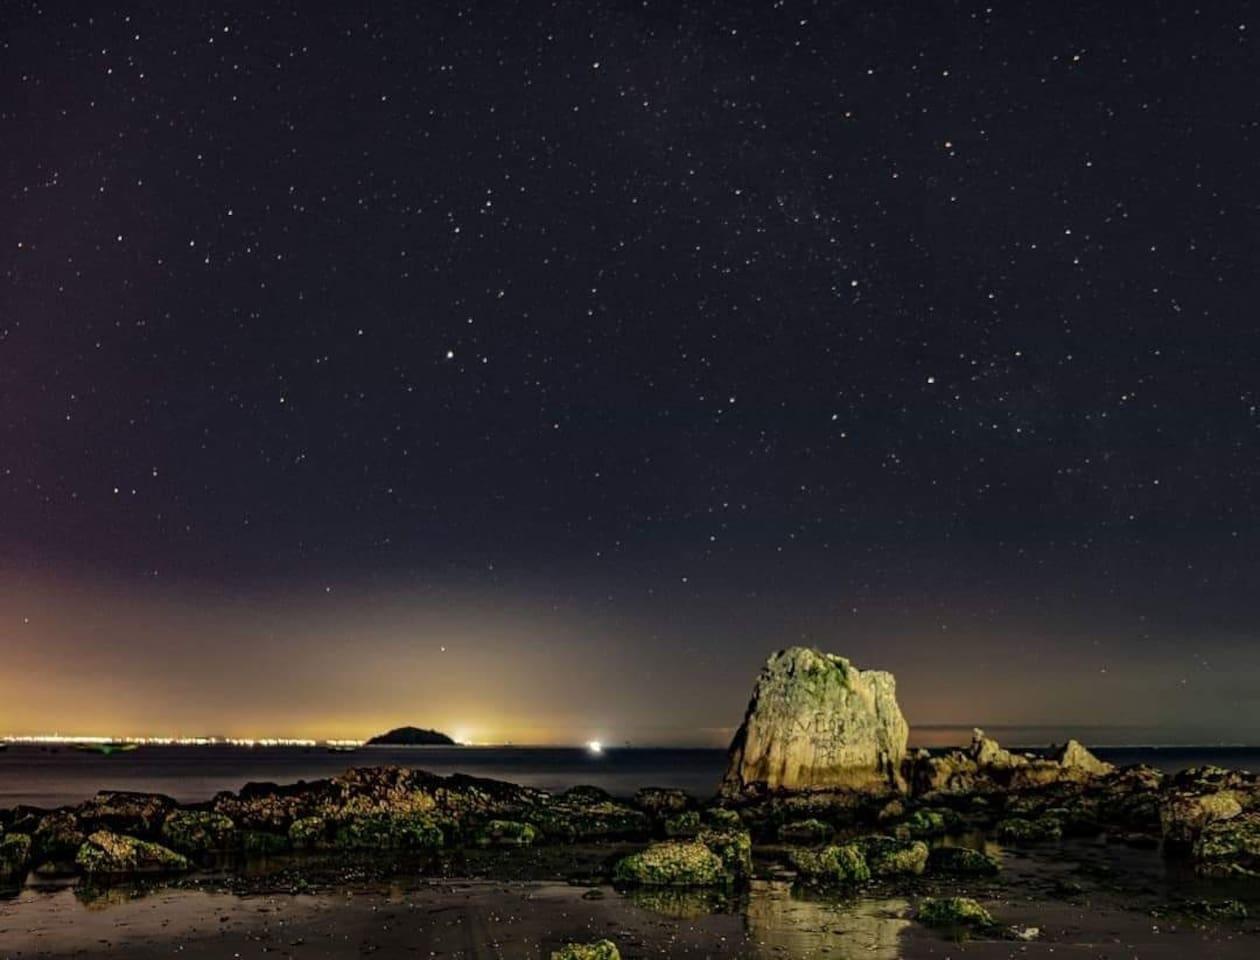 Pedras da Fortaleza, Ilha Feia e as estrelas ✨  Foto: @eduardo.boeing  #vemprapenha